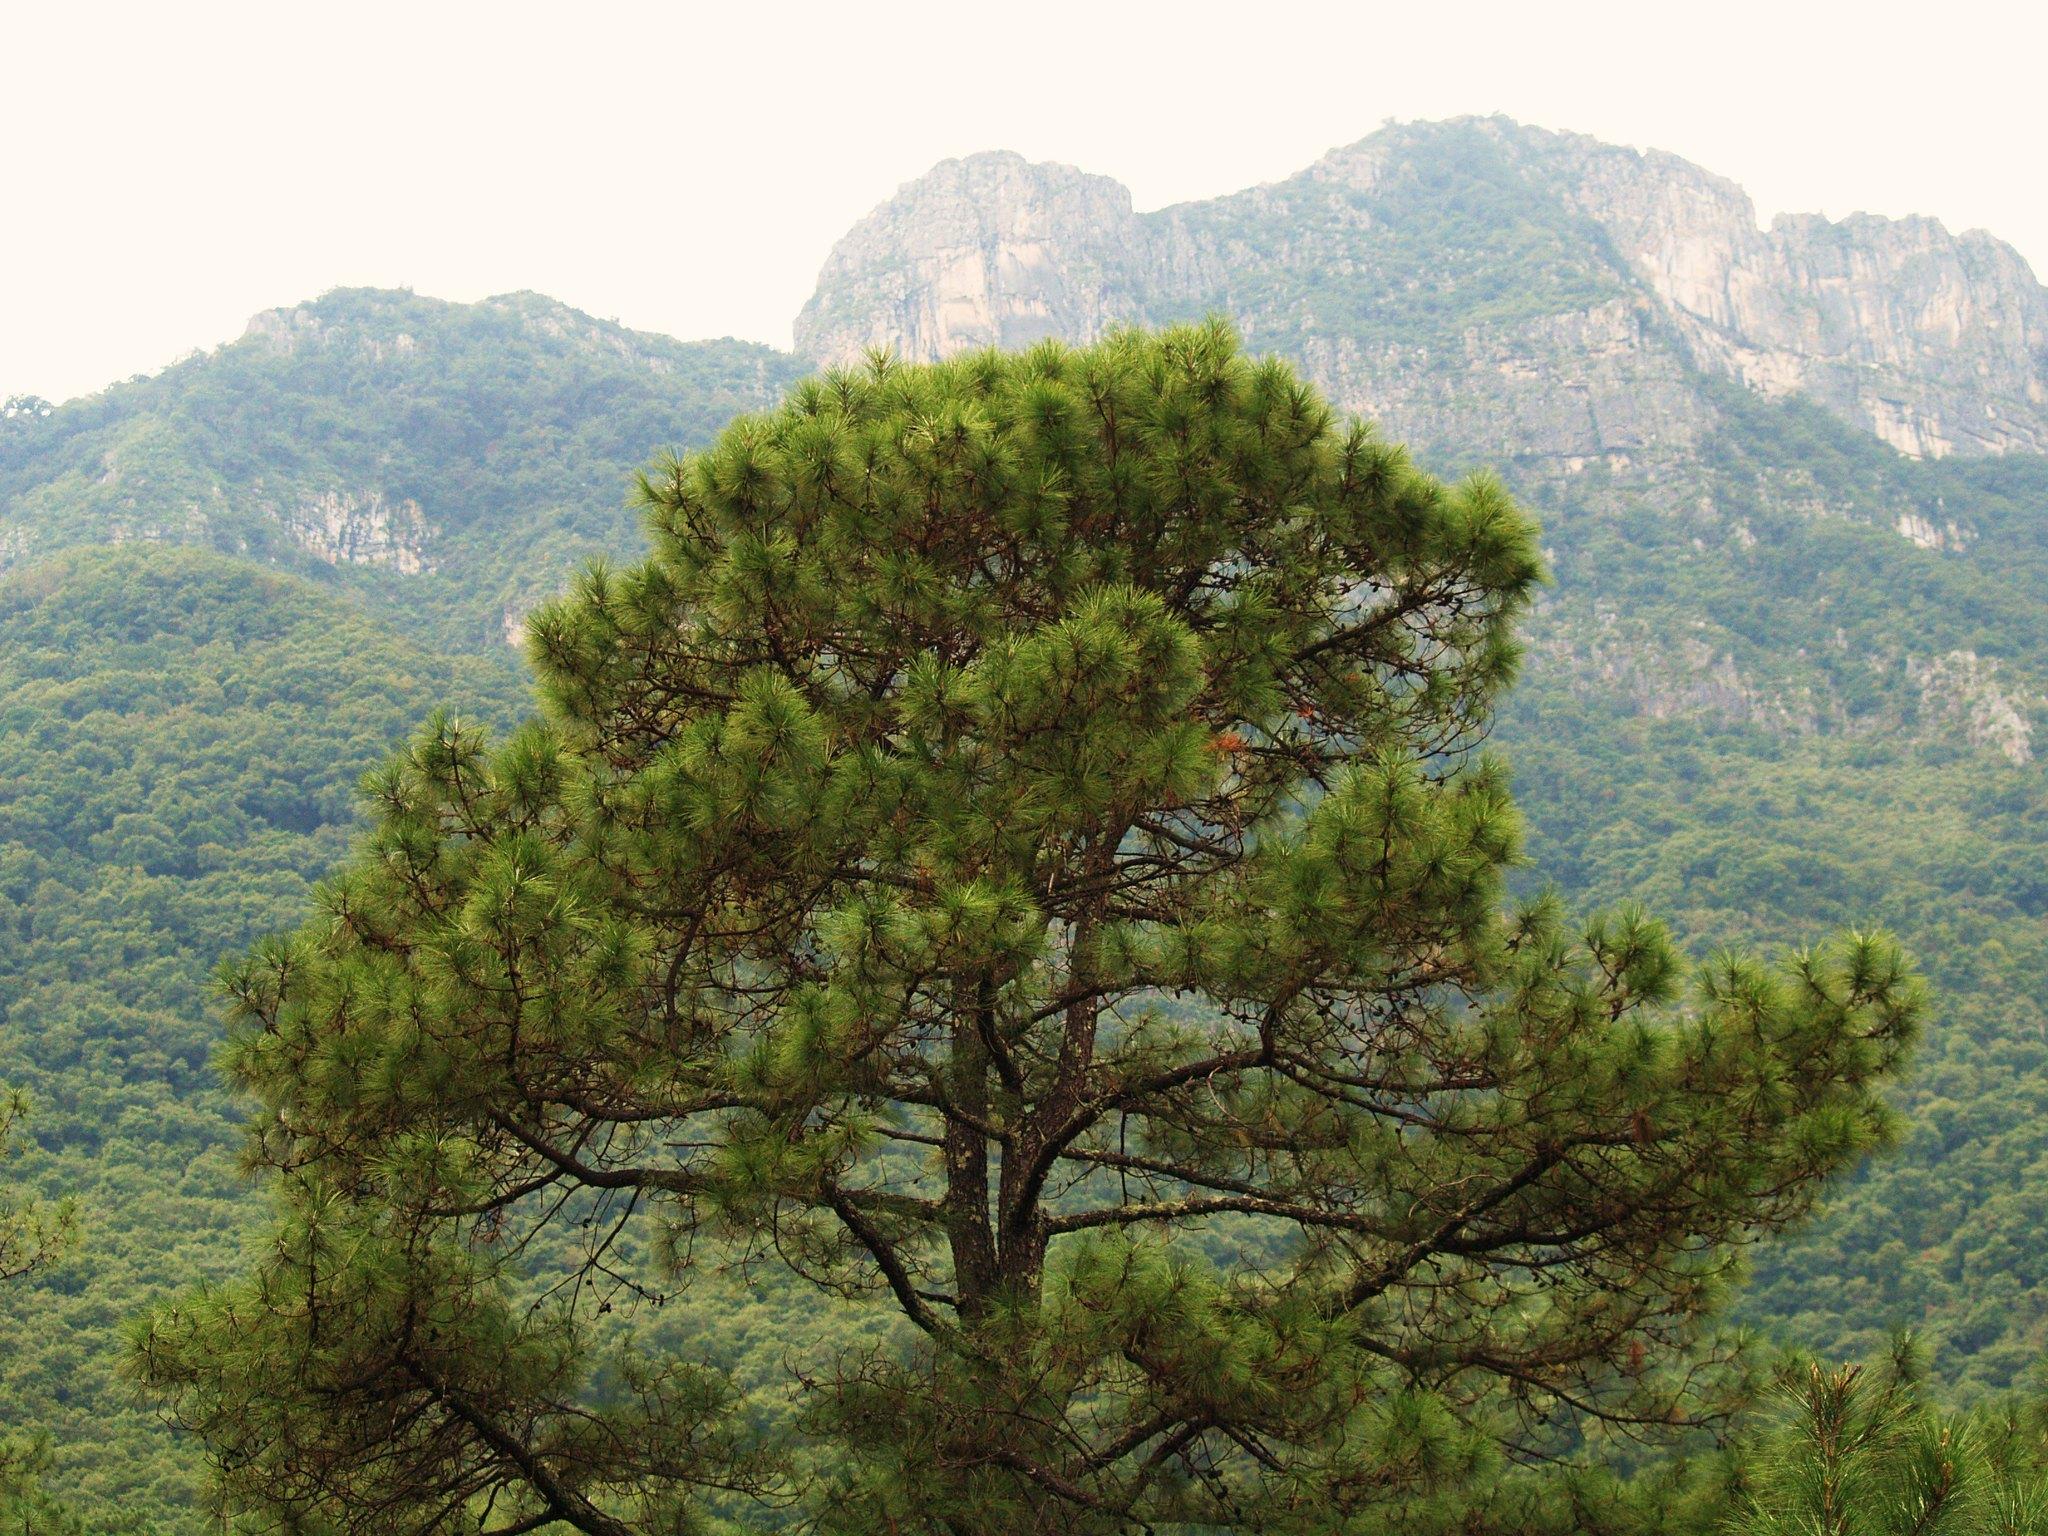 Los pinos coníferas de raíces potentes